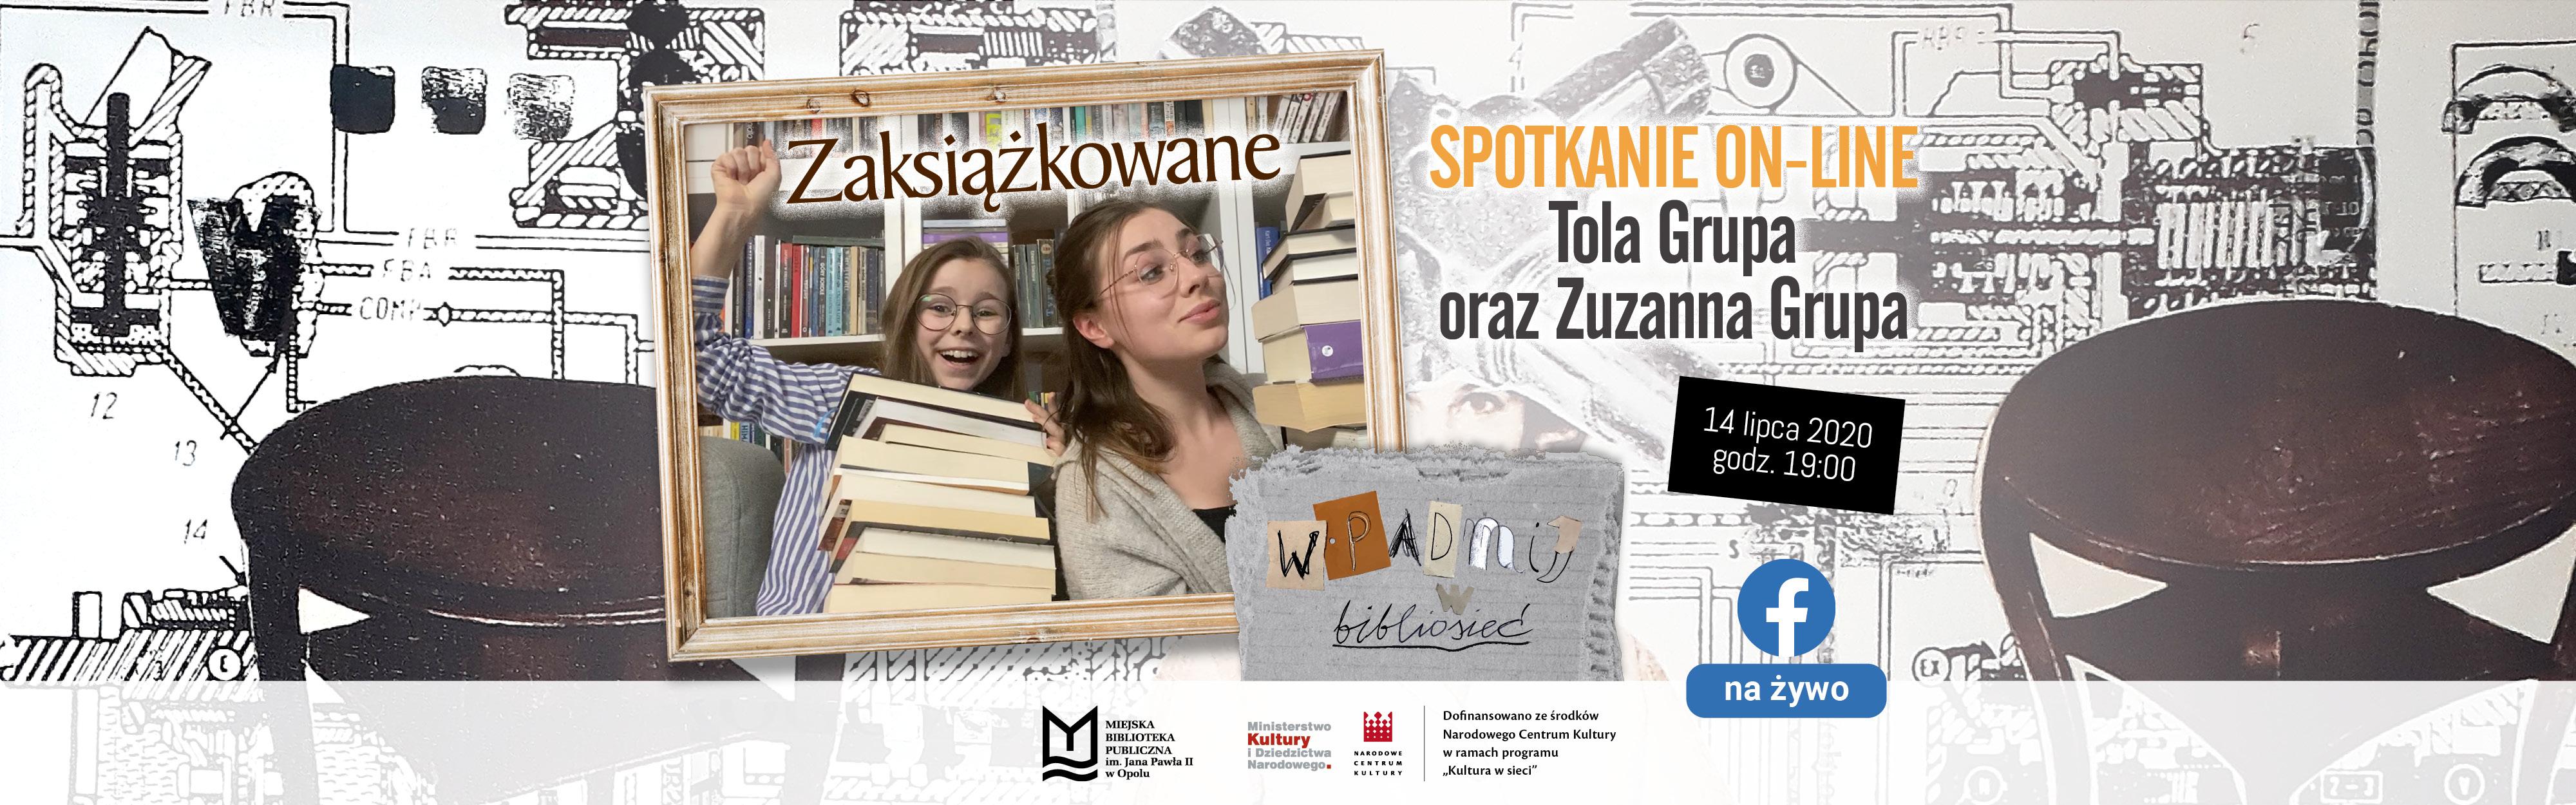 MBP w Opolu zaprasza na spotkanie on-line z youtuberkami: Tolą i Zuzą z kanału ZAKSIĄŻKOWANE